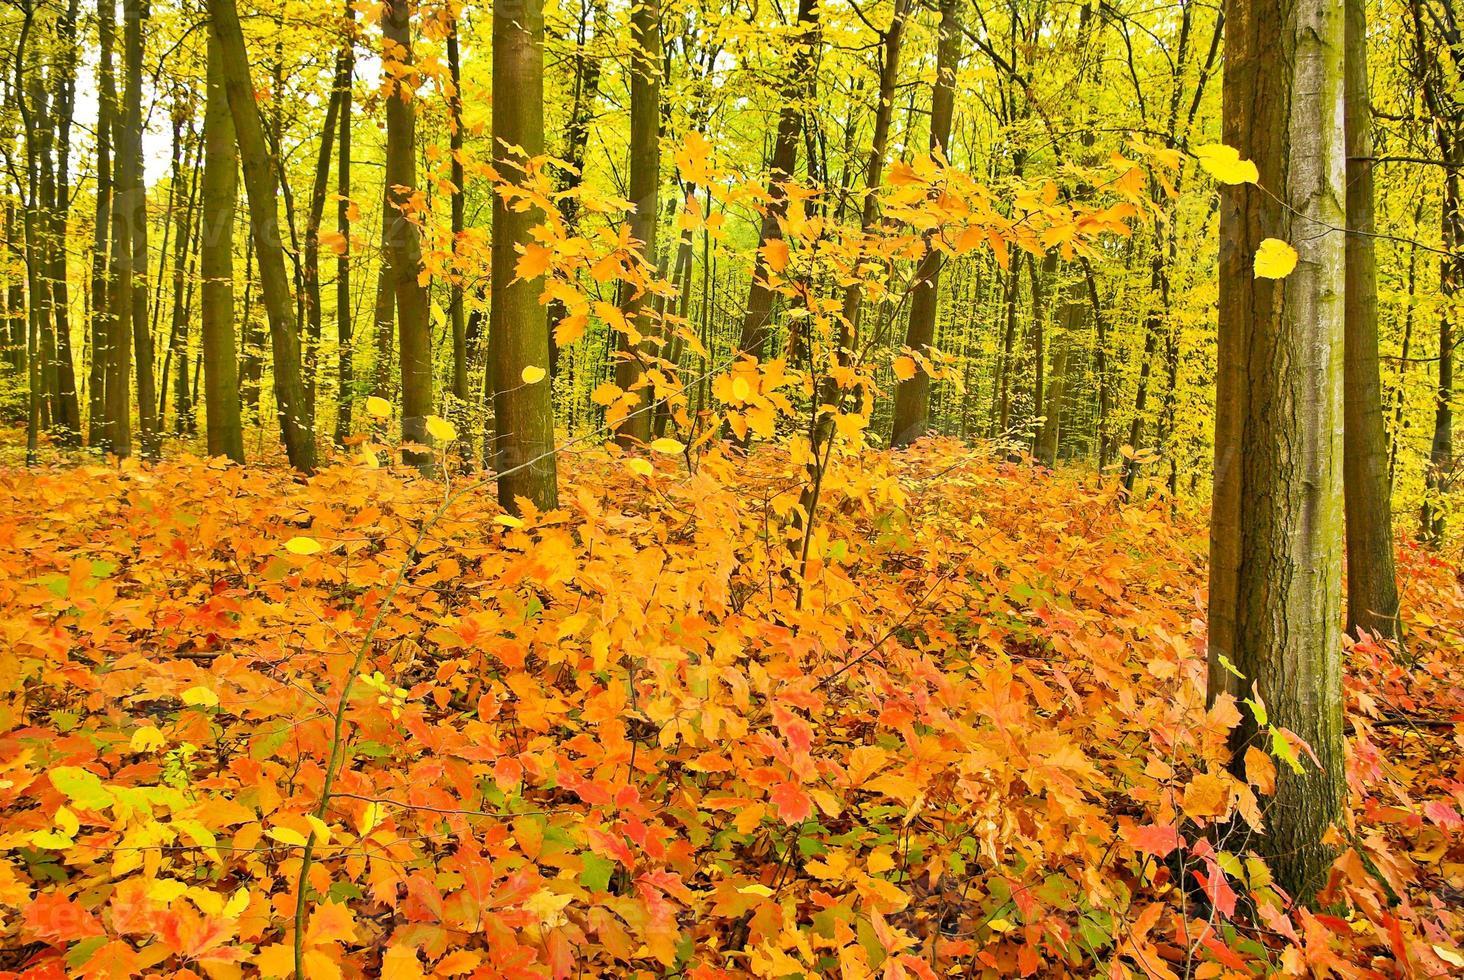 hojas de roble rojo en los árboles en el bosque de otoño. foto